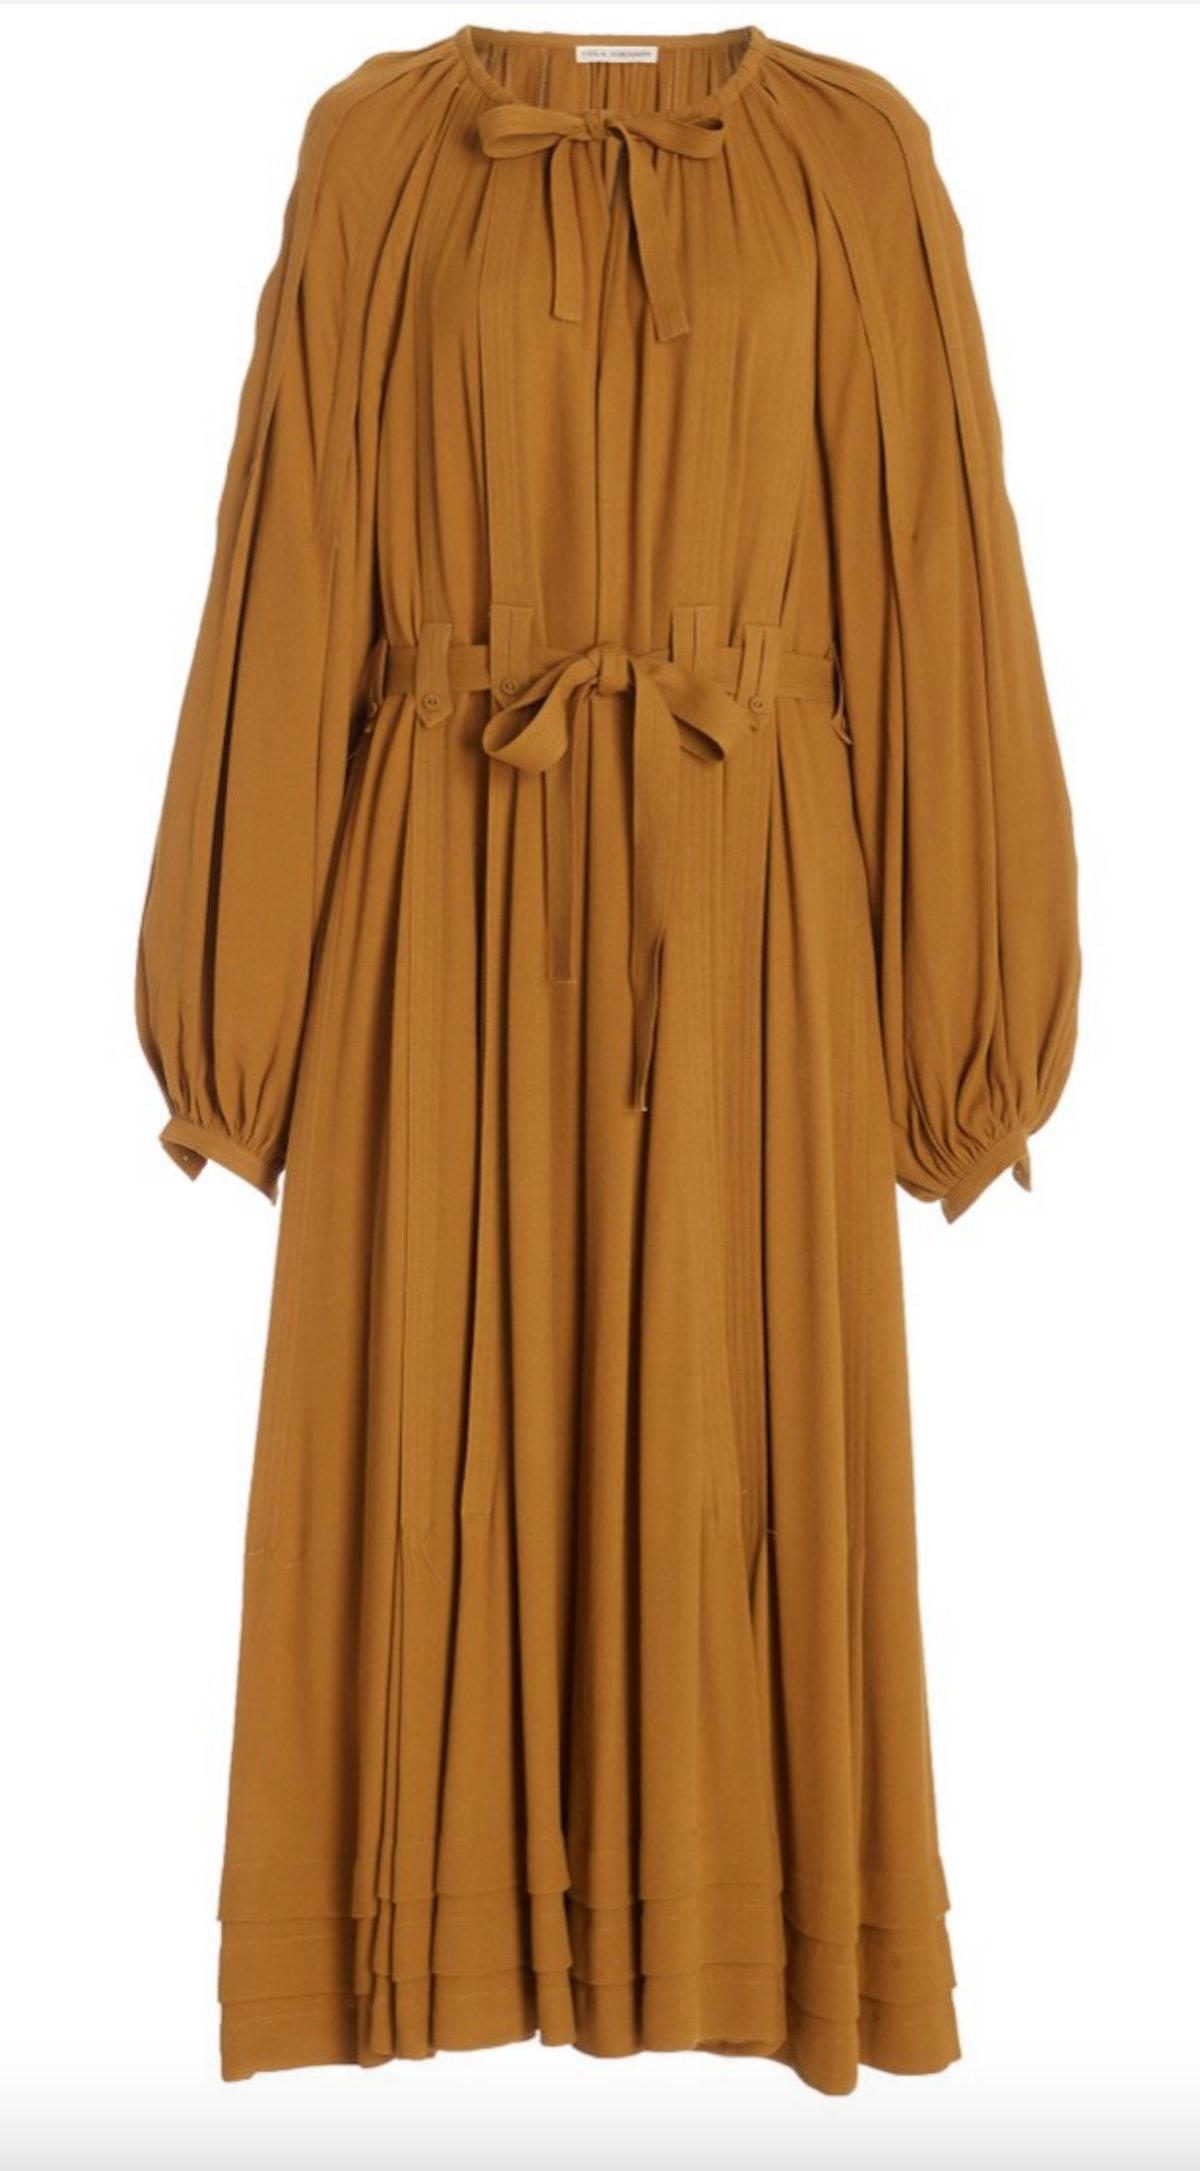 Ulla Johnson's caramel colored belted chiffon midi dress.